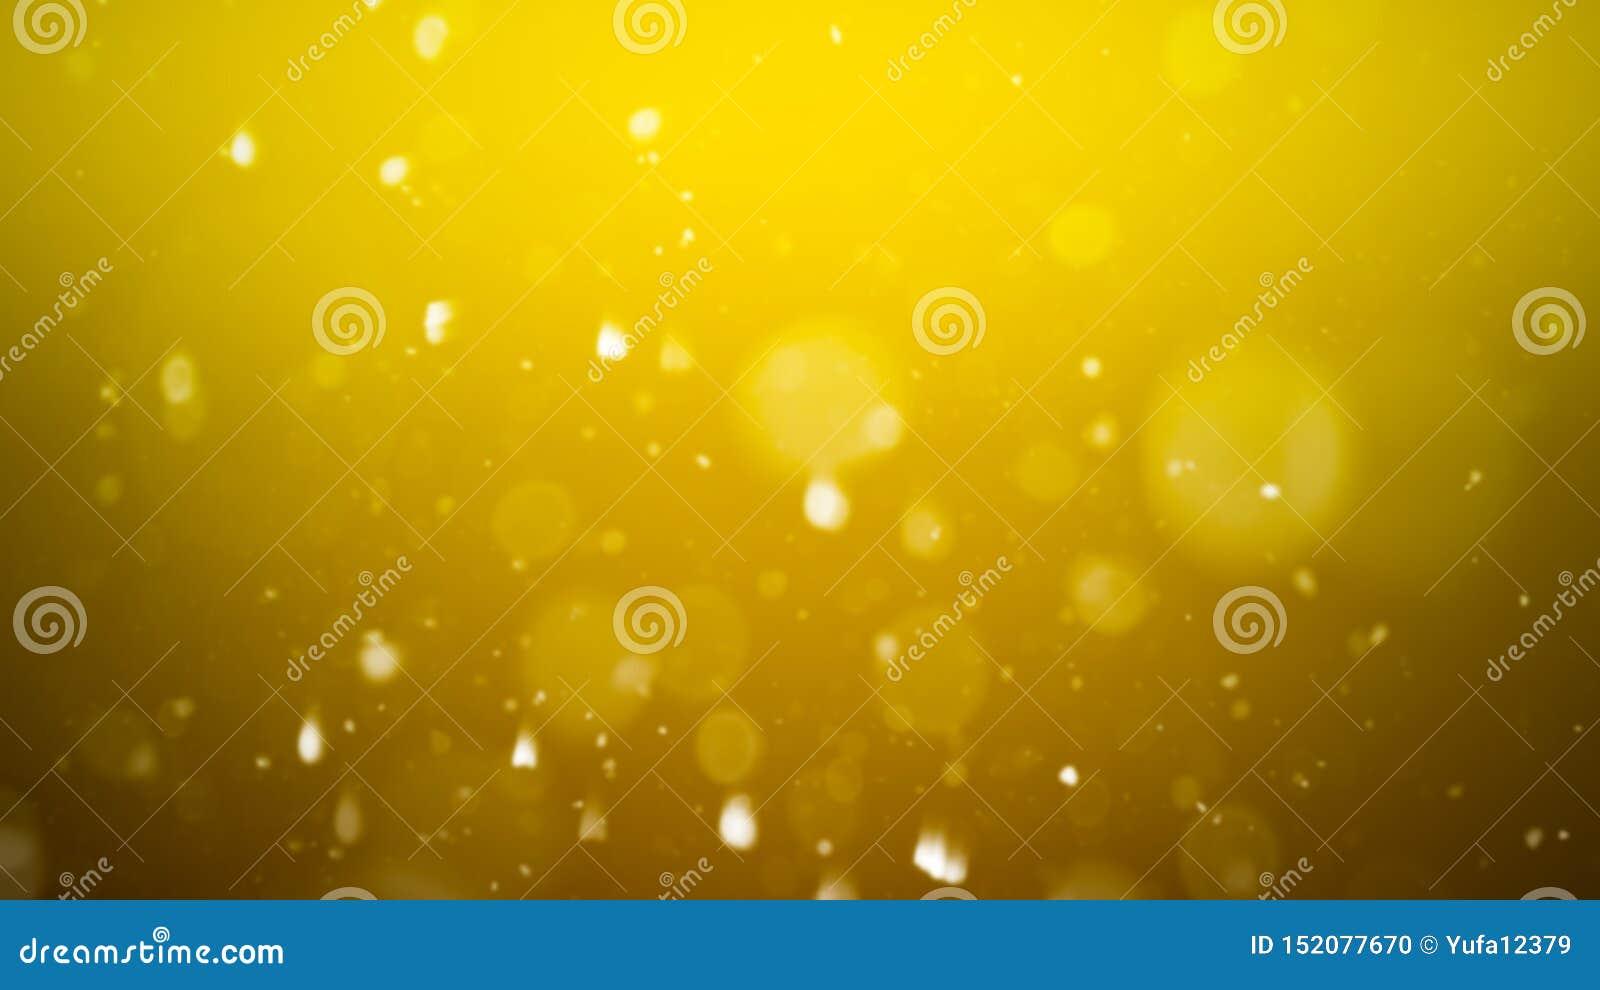 Fondo abstracto del bokeh del oro p?rticulas de polvo reales con las estrellas de llamarada reales de la lente luces del brillo